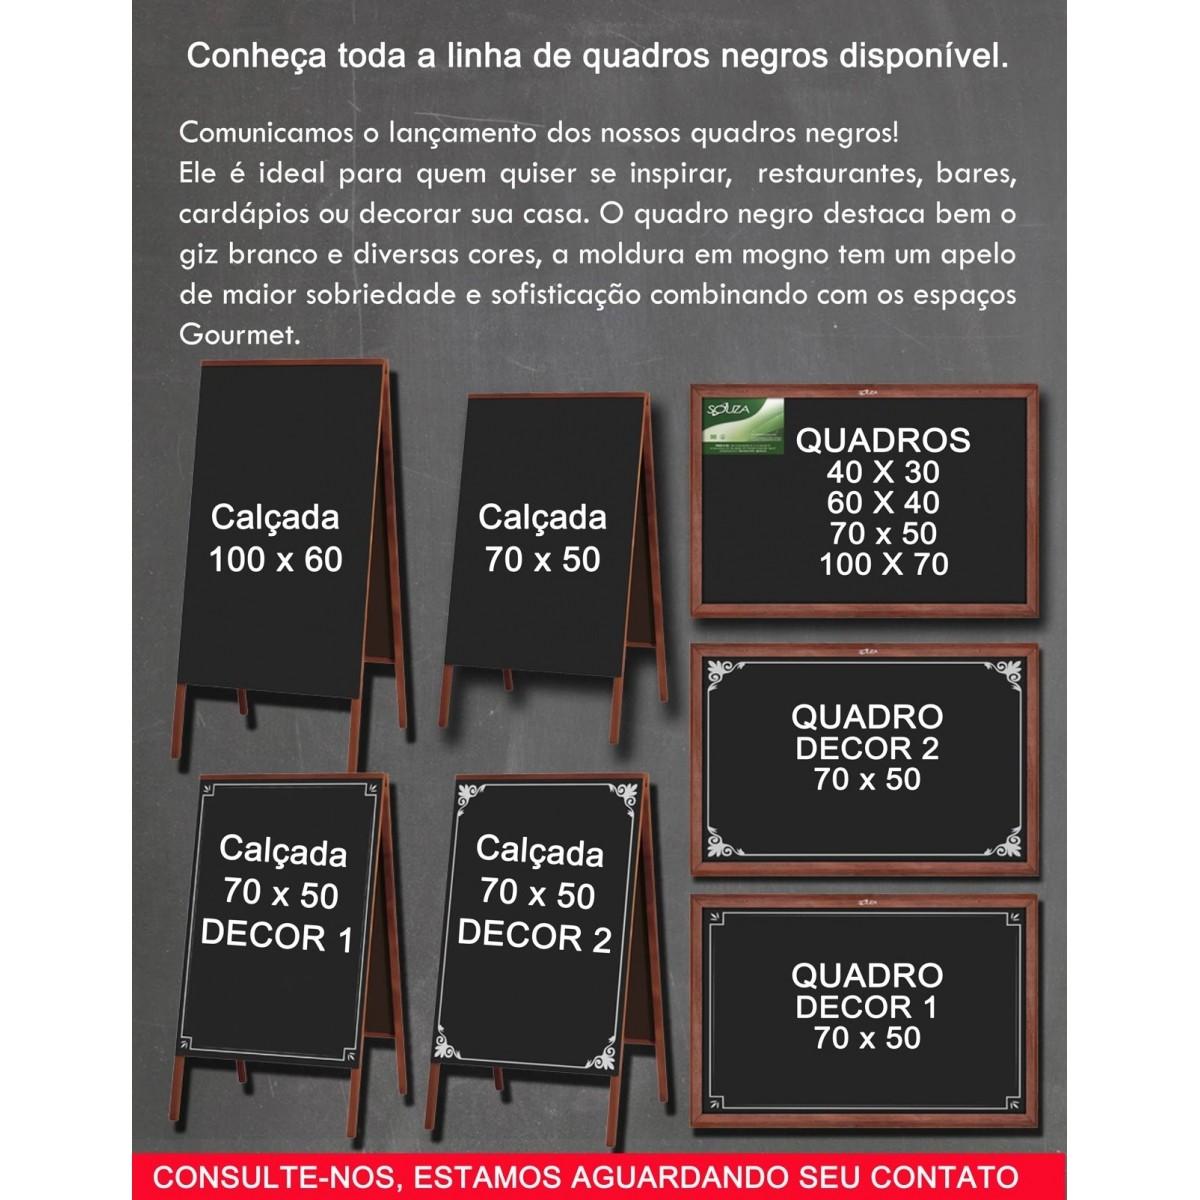 Quadro Negro Cavalete de Calçada Madeira Cor mogno 70X50 cm Detalhe Decor 2 Referência 2123 - SOUZA